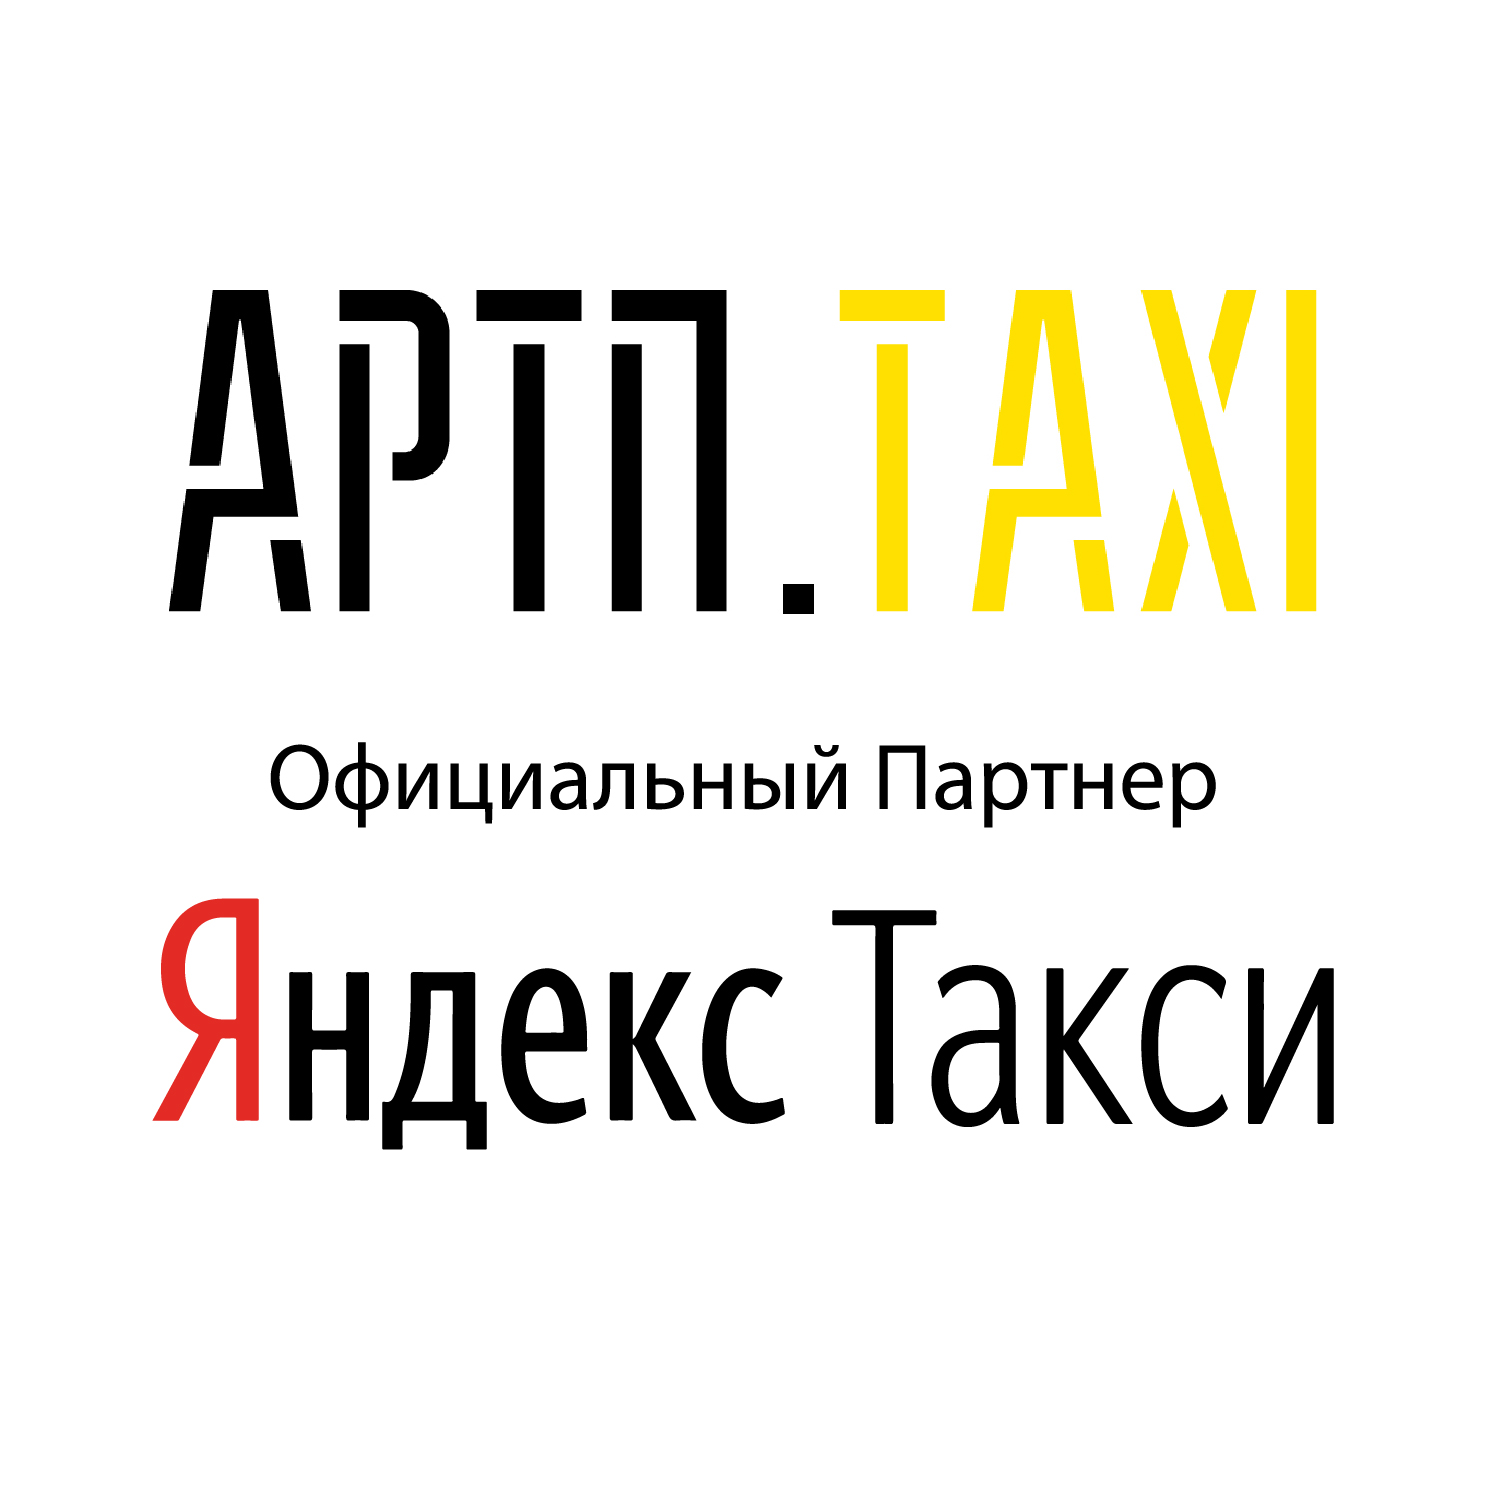 Работа в компании «АРТП такси» в Петергофа